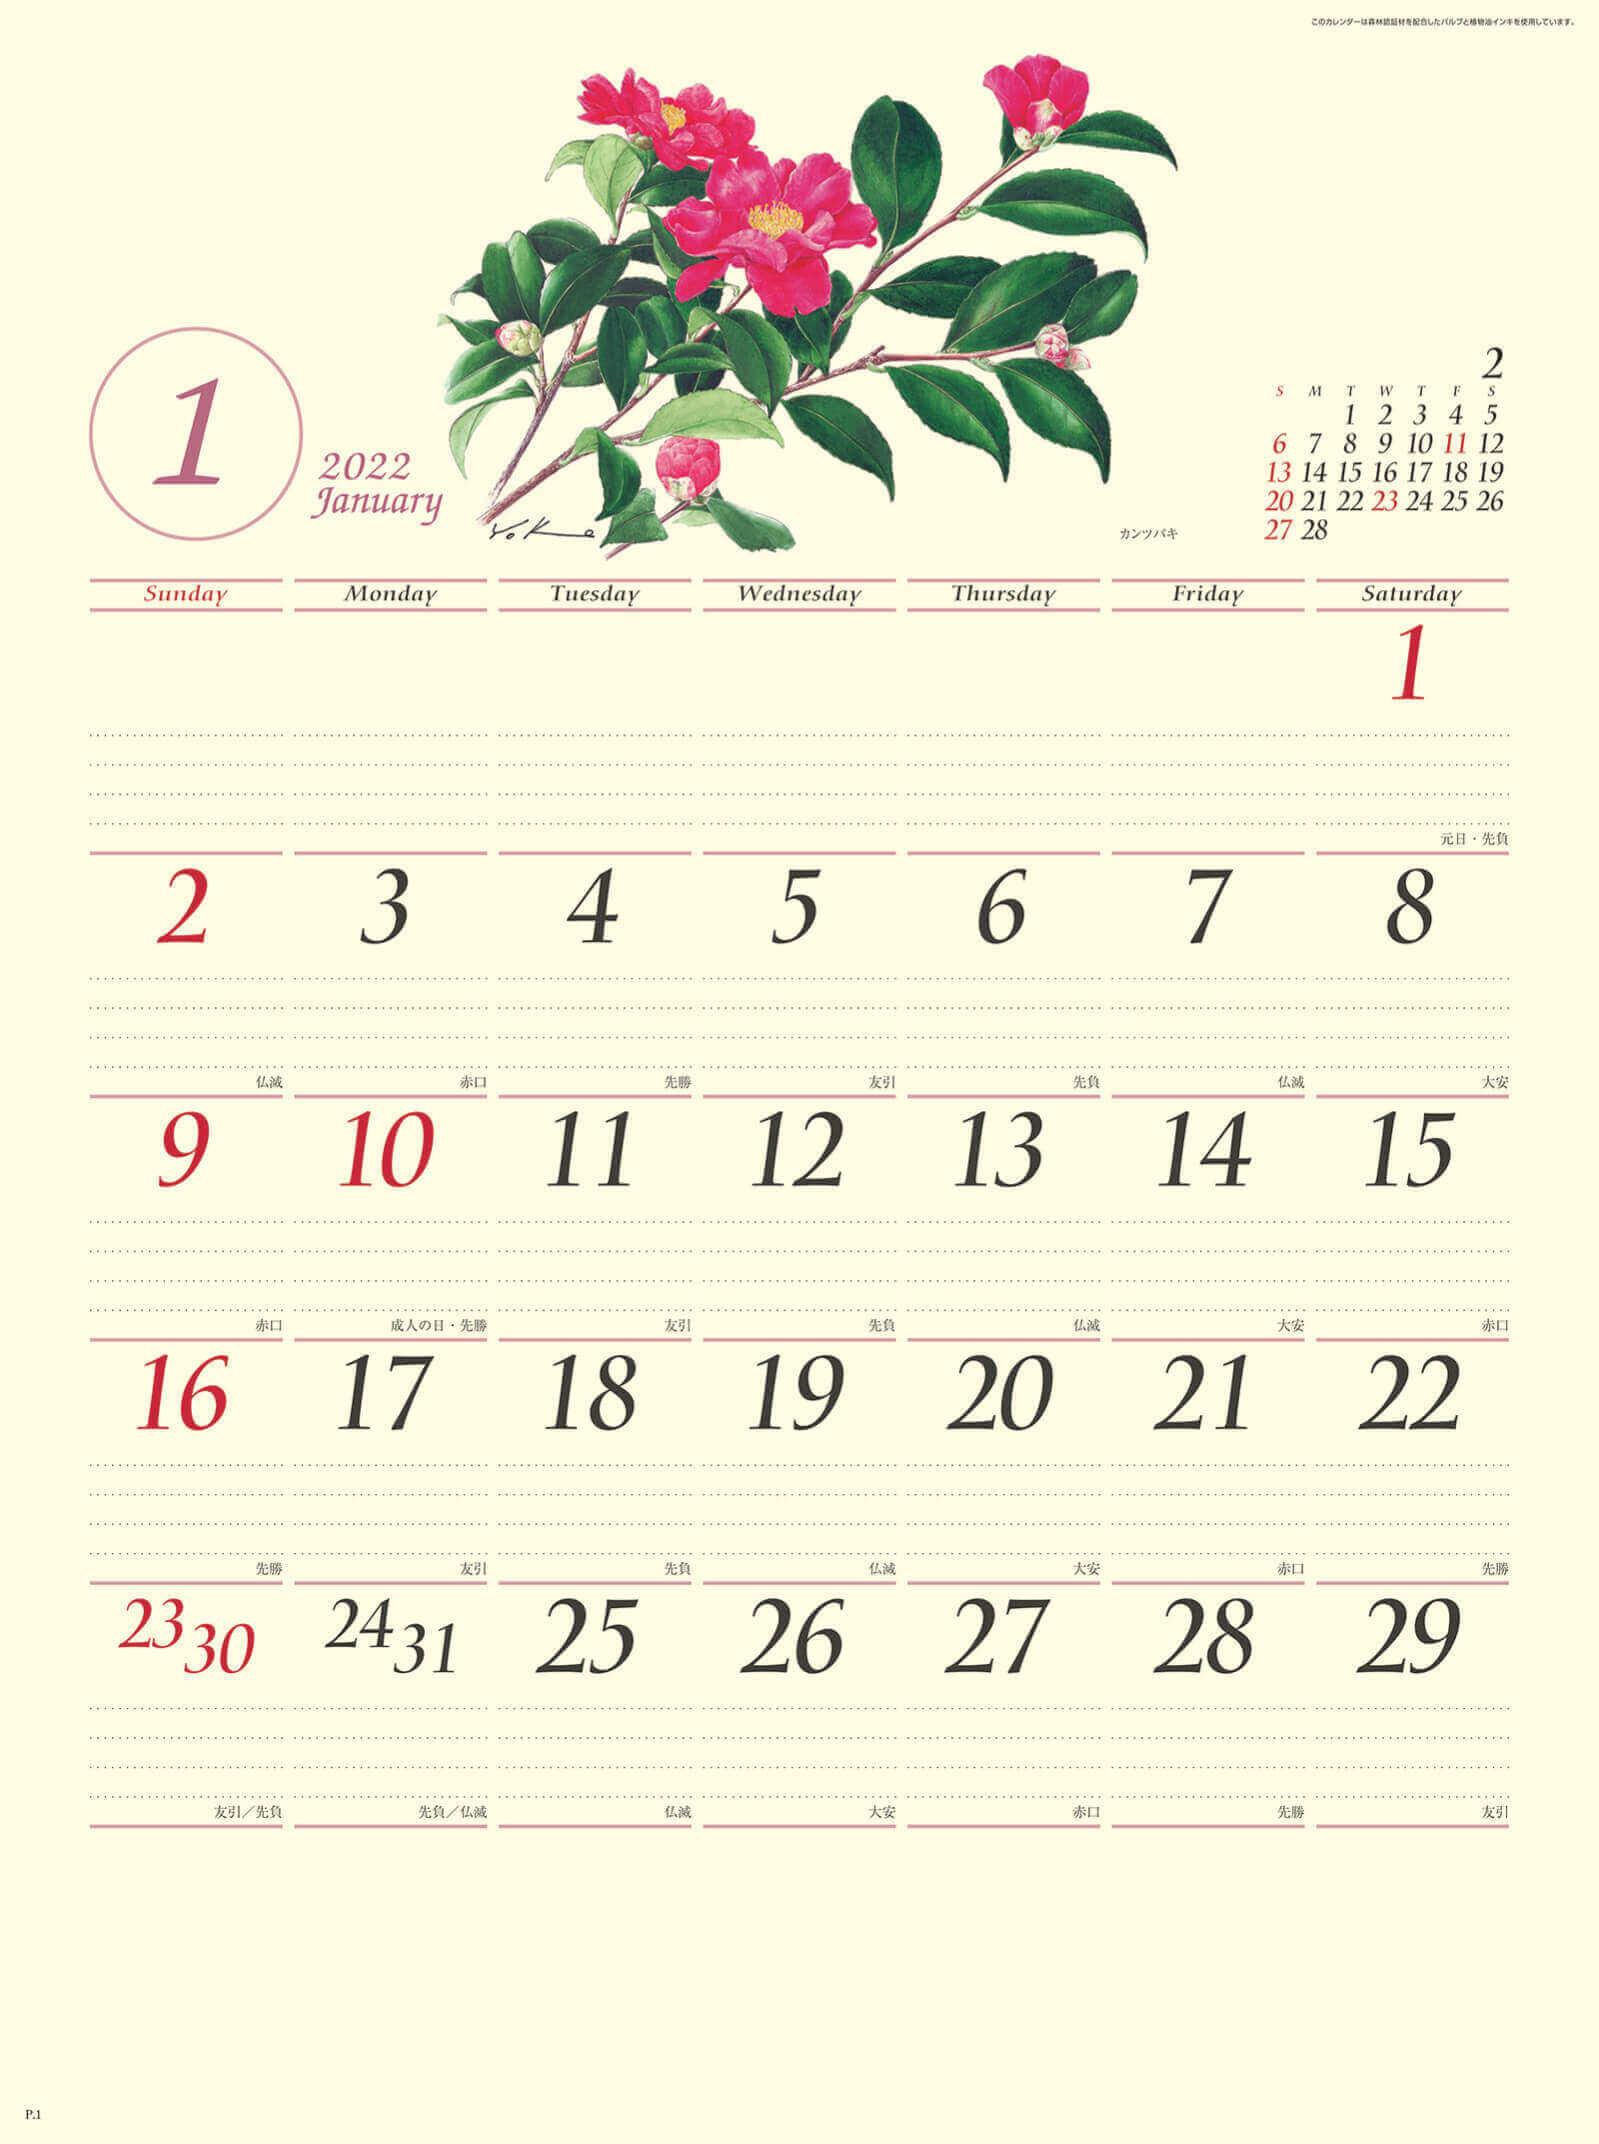 1月 カンツバキ ボタニカルアート 2022年カレンダーの画像